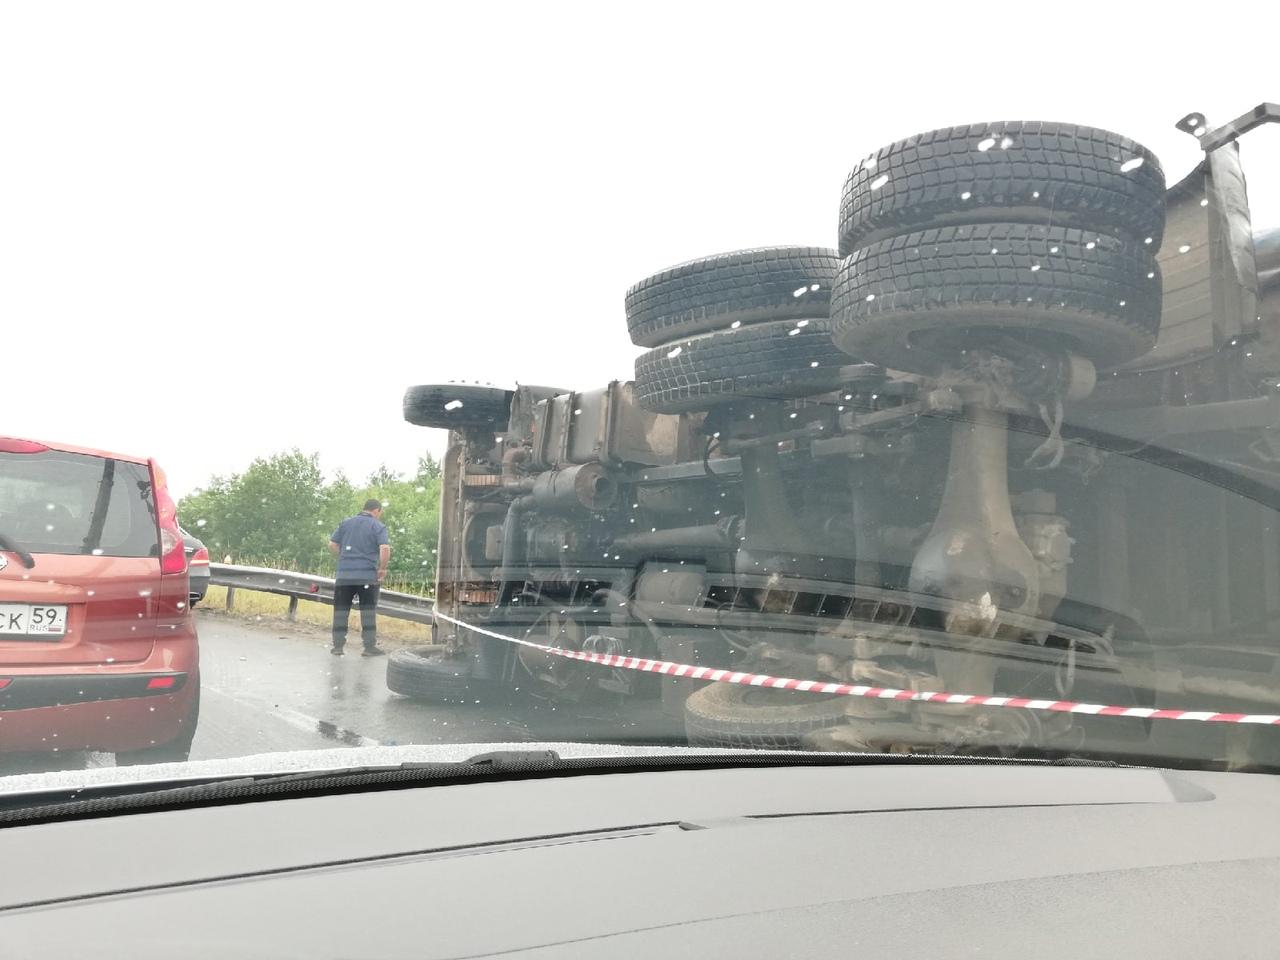 На путепроводе от Меги Дыбенко через Мурманское шоссе на бок прилег мусоровоз. Водитель ходит чешет ...